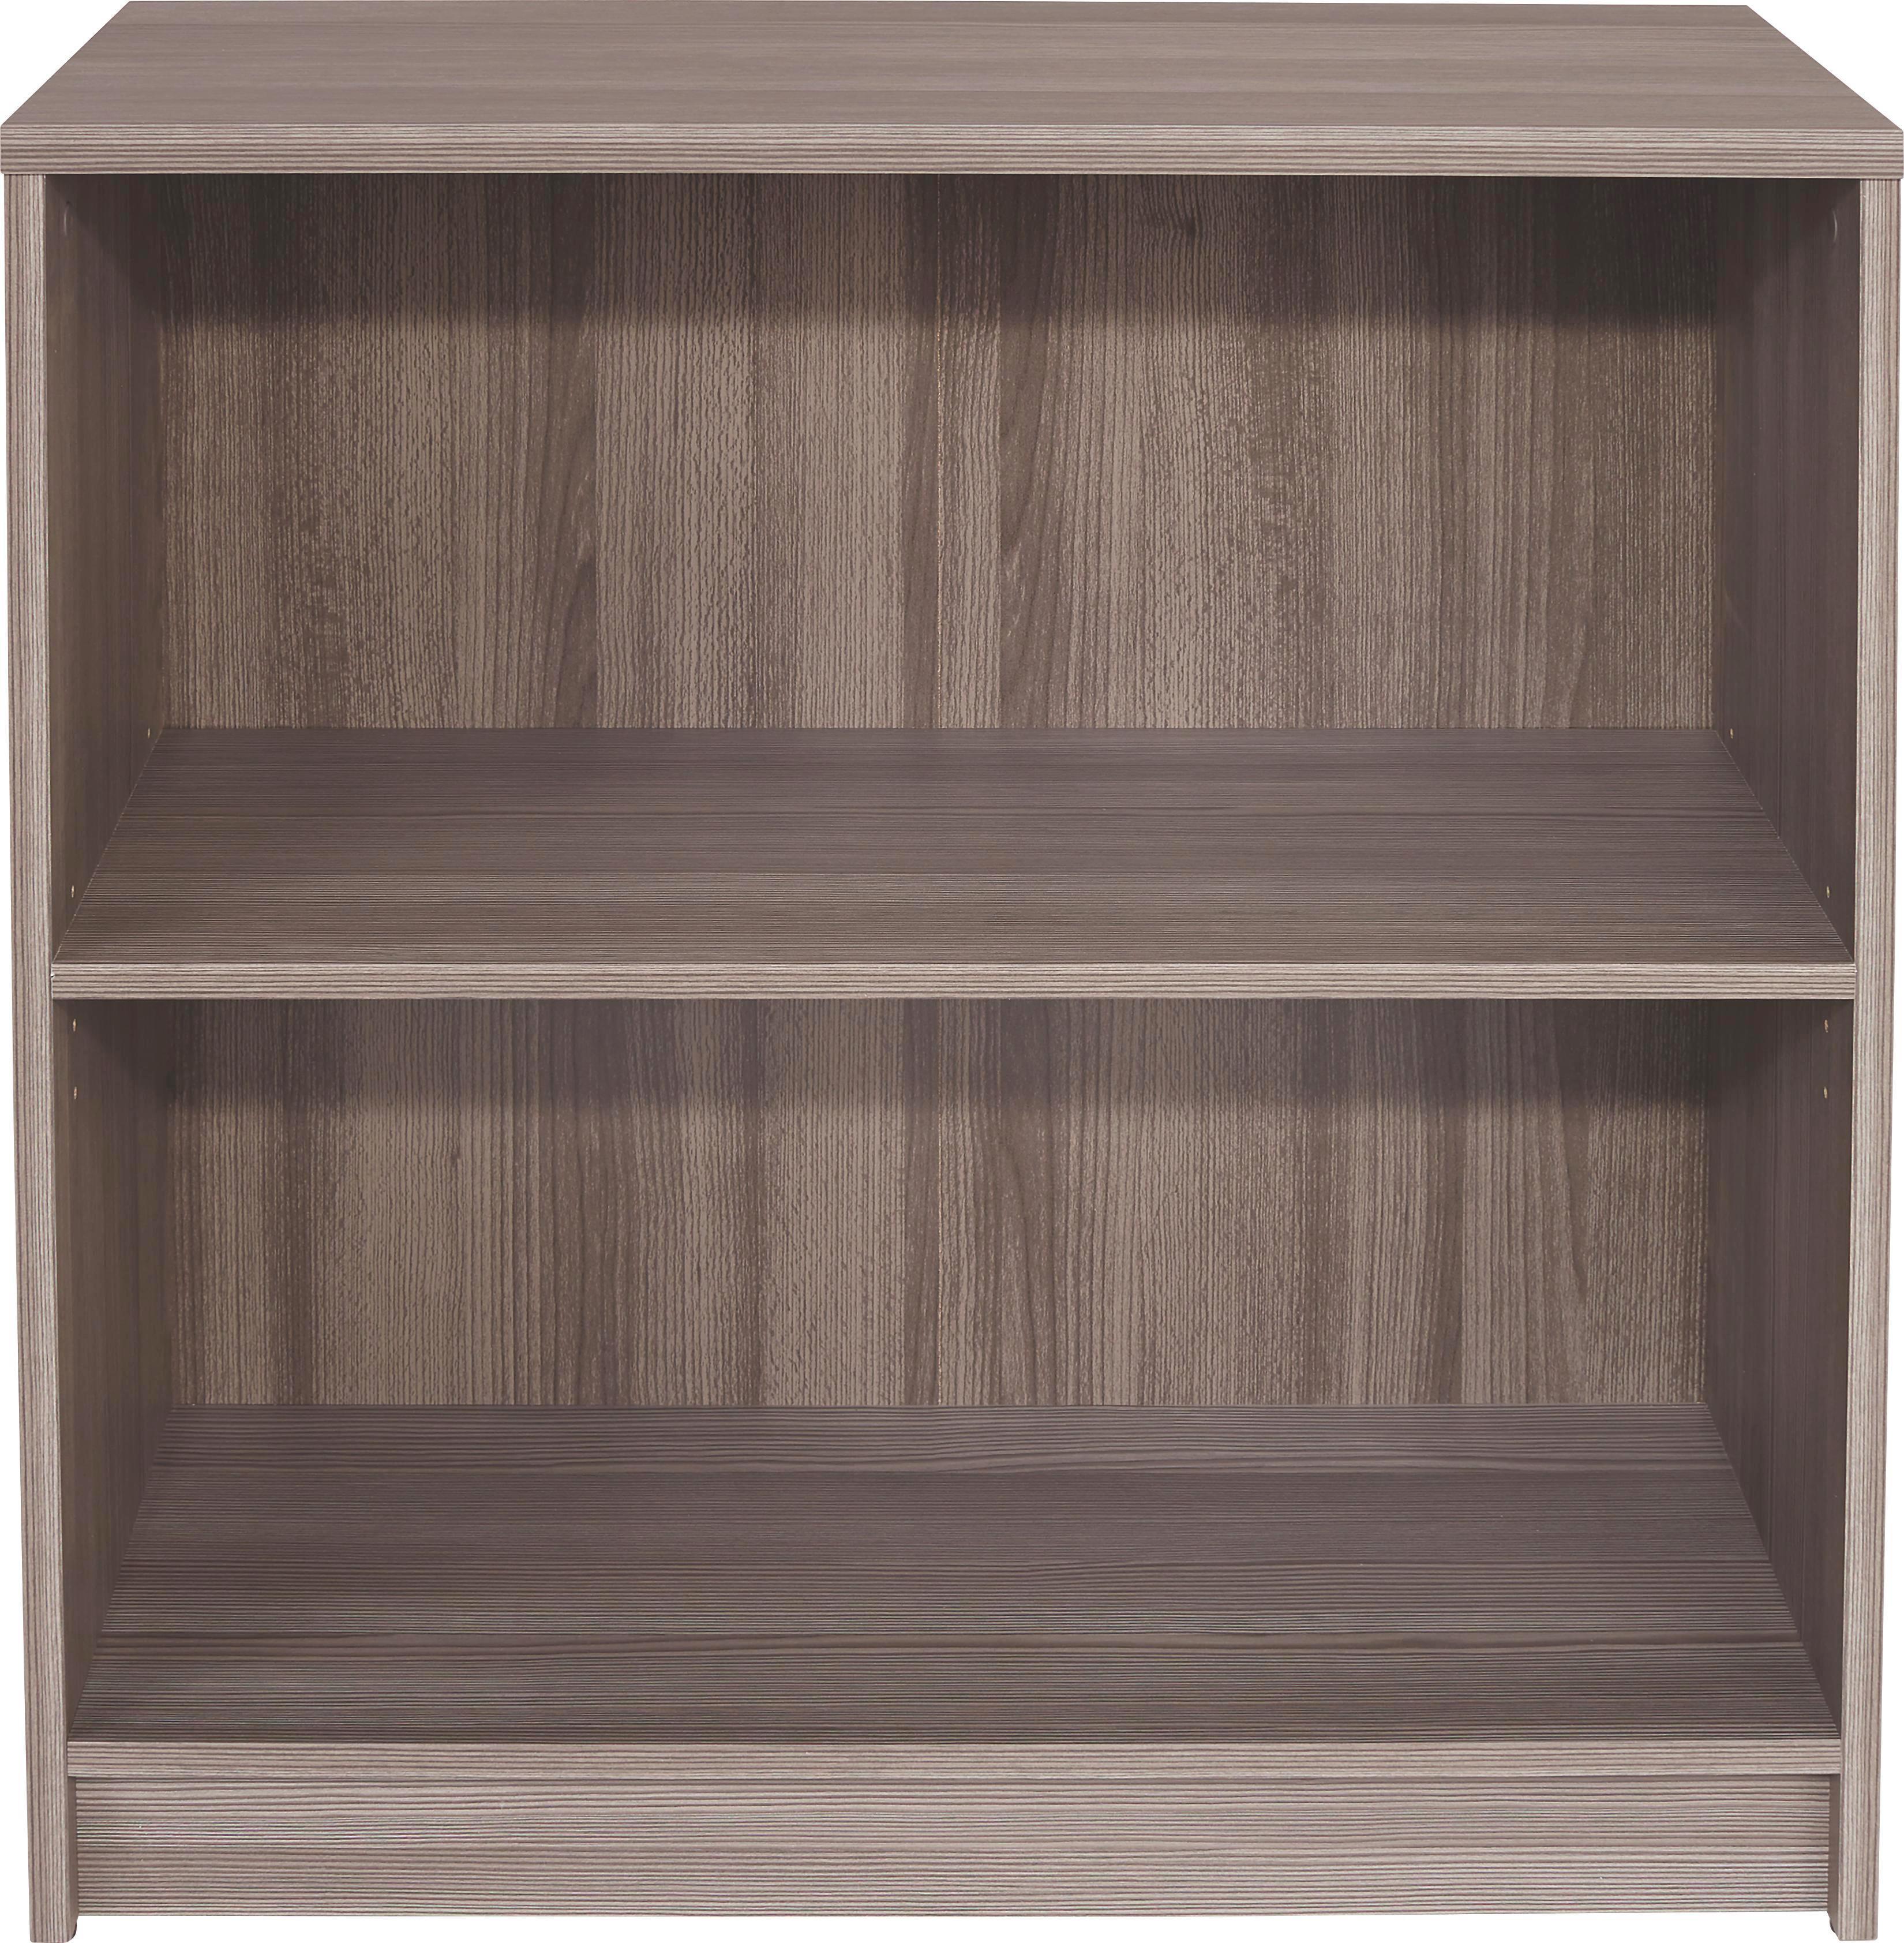 Regál 4-you Yur01 - tmavě hnědá, Moderní, dřevěný materiál (74/85,4/34,6cm)